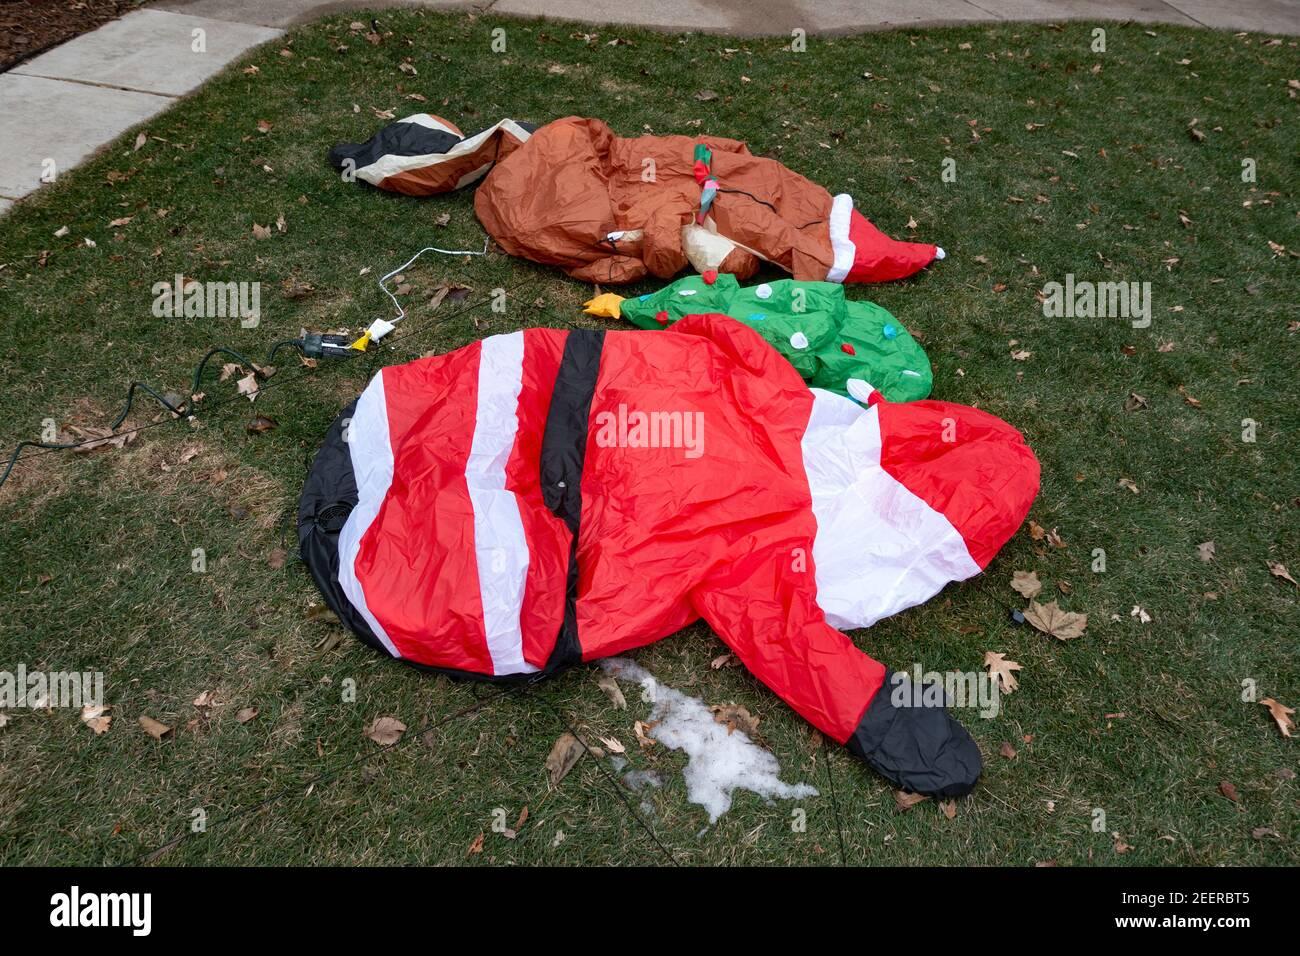 Adornos navideños desinflados en el patio delantero de una casa. St Paul Minnesota MN EE.UU Foto de stock